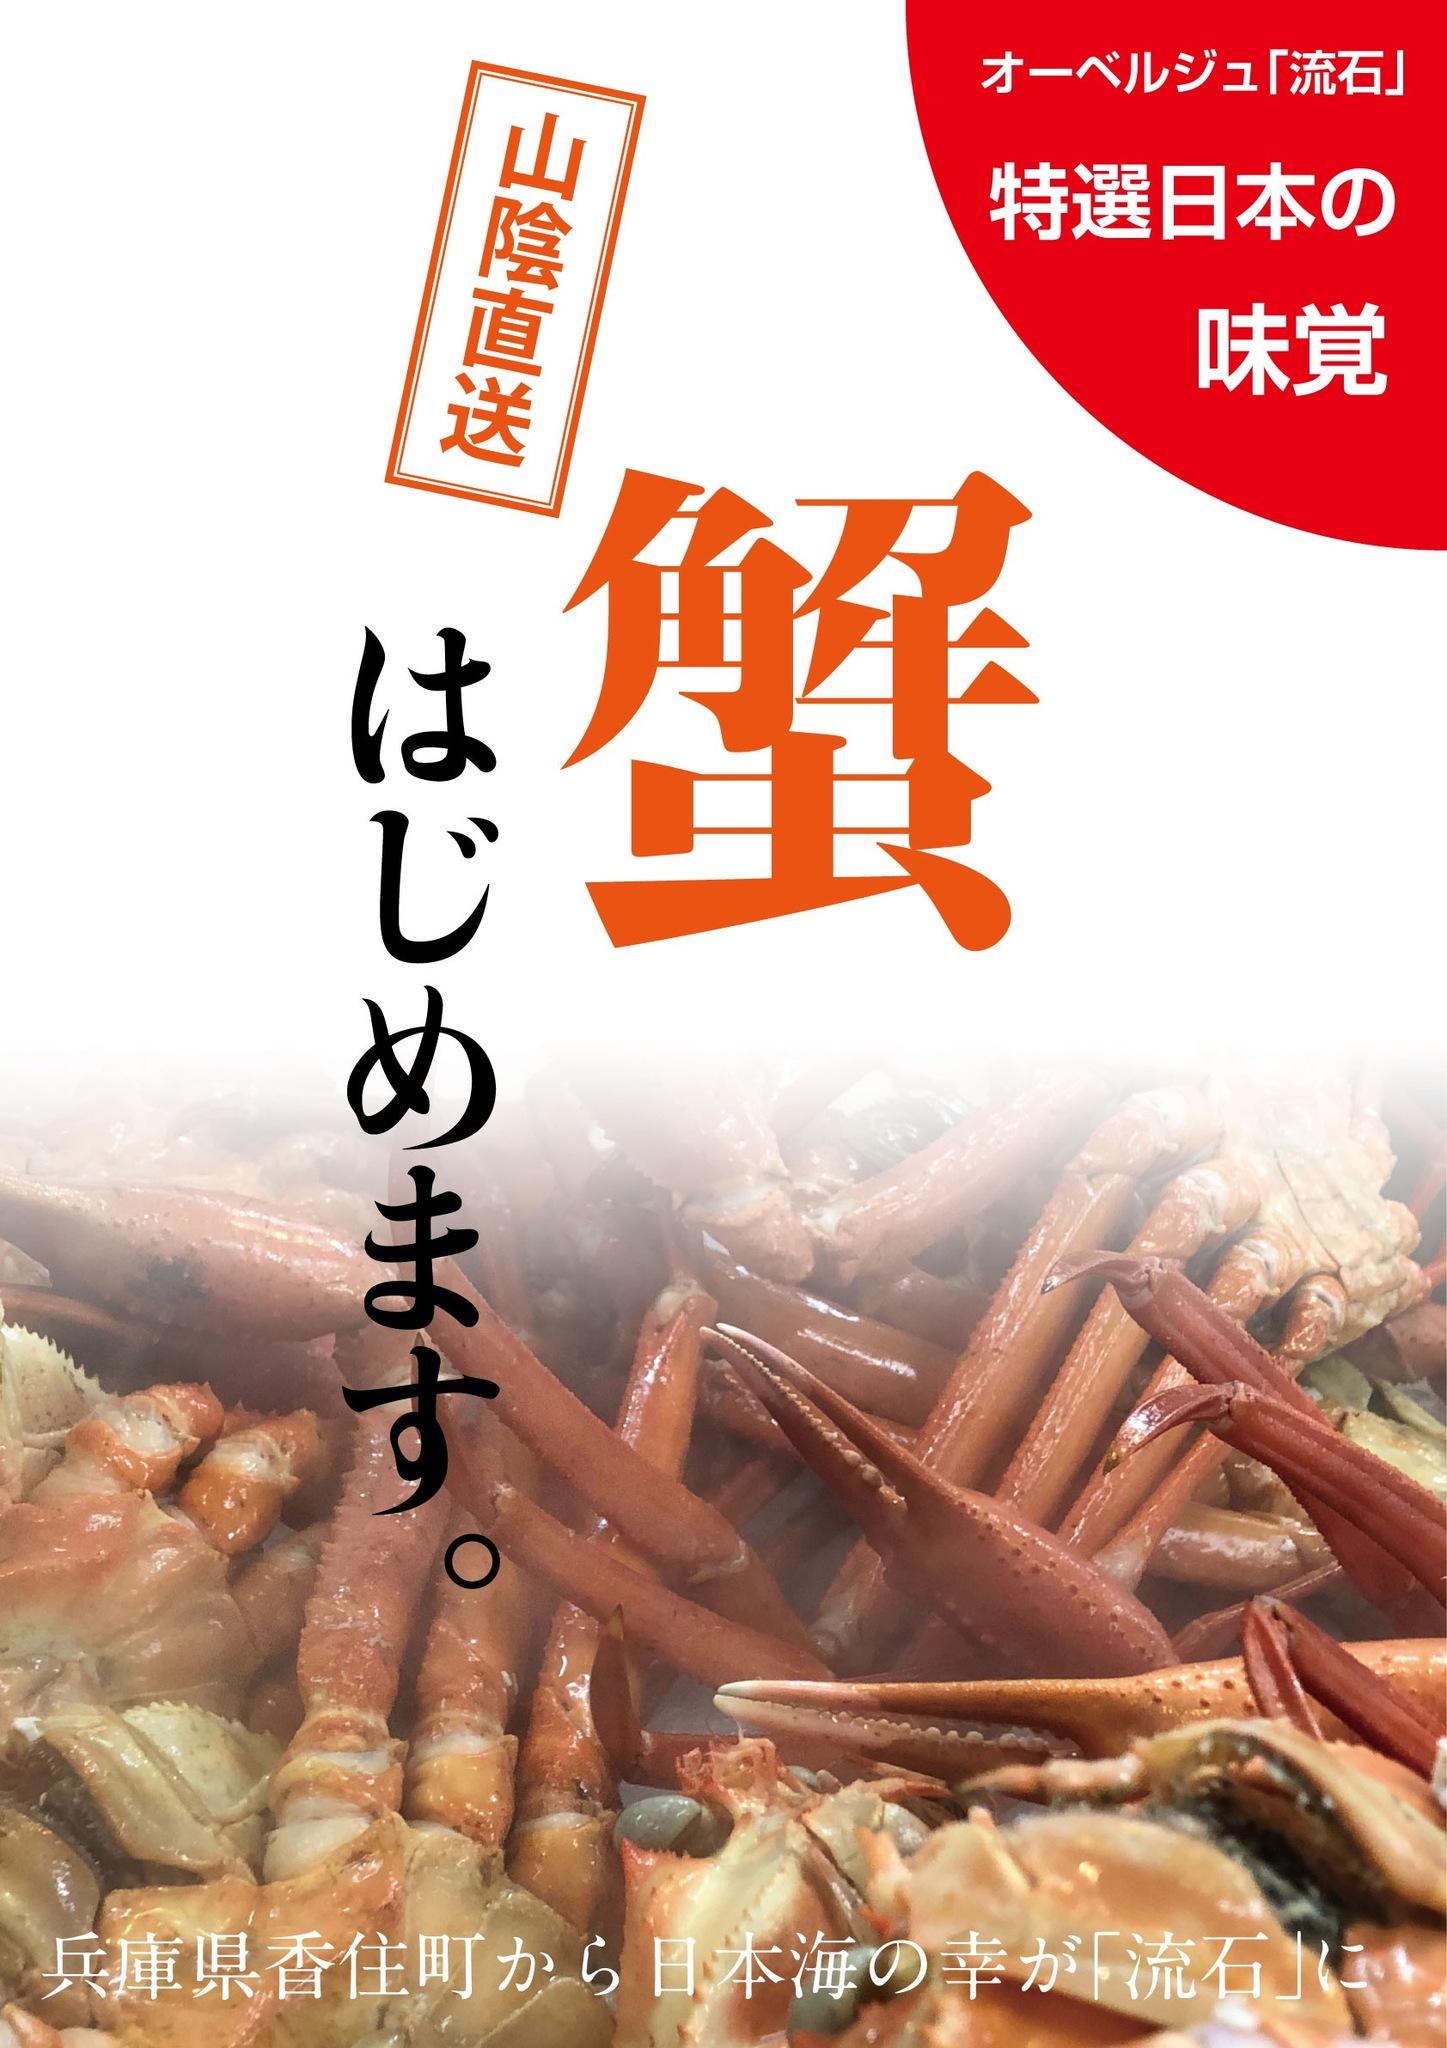 数量限定!!️「瀬戸内蟹と山陰蟹の食べ比べ」プラン